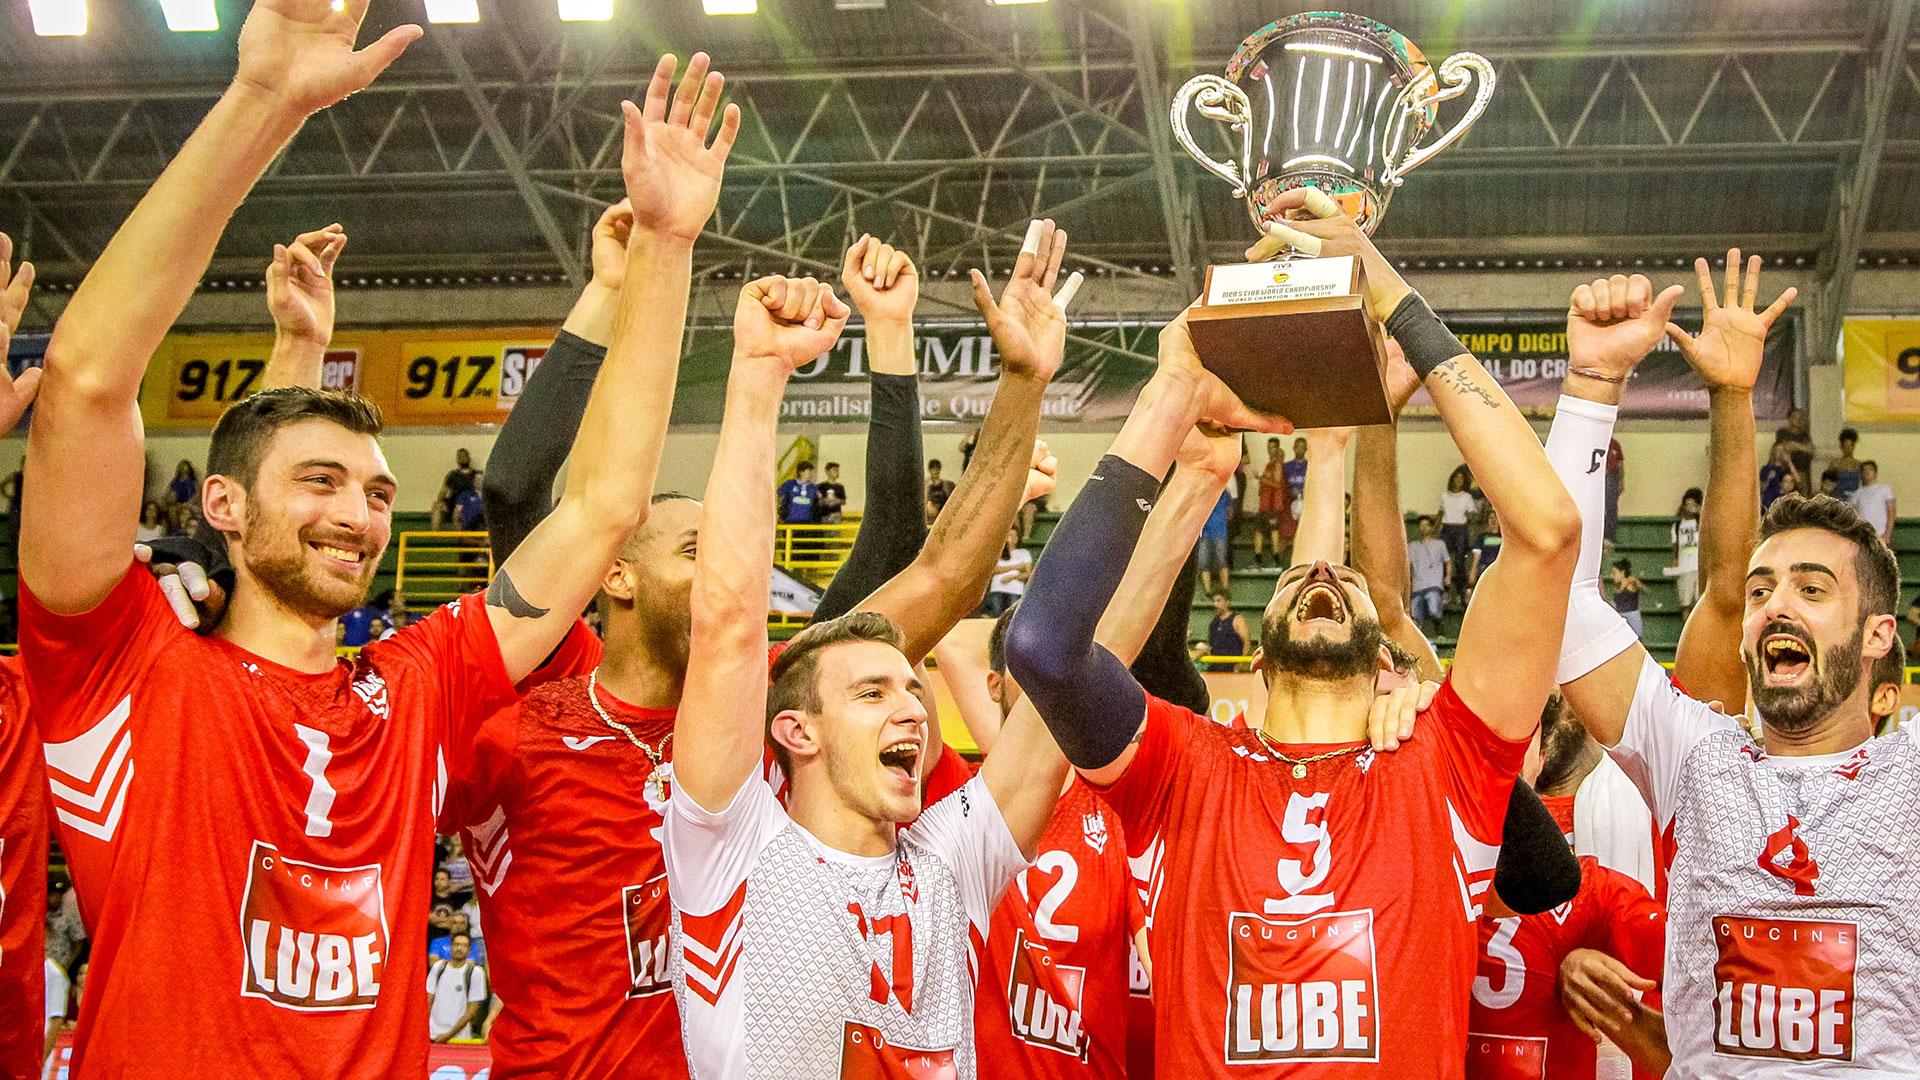 Lube campione del mondo, 3-1 in finale al Sada Cruzeiro